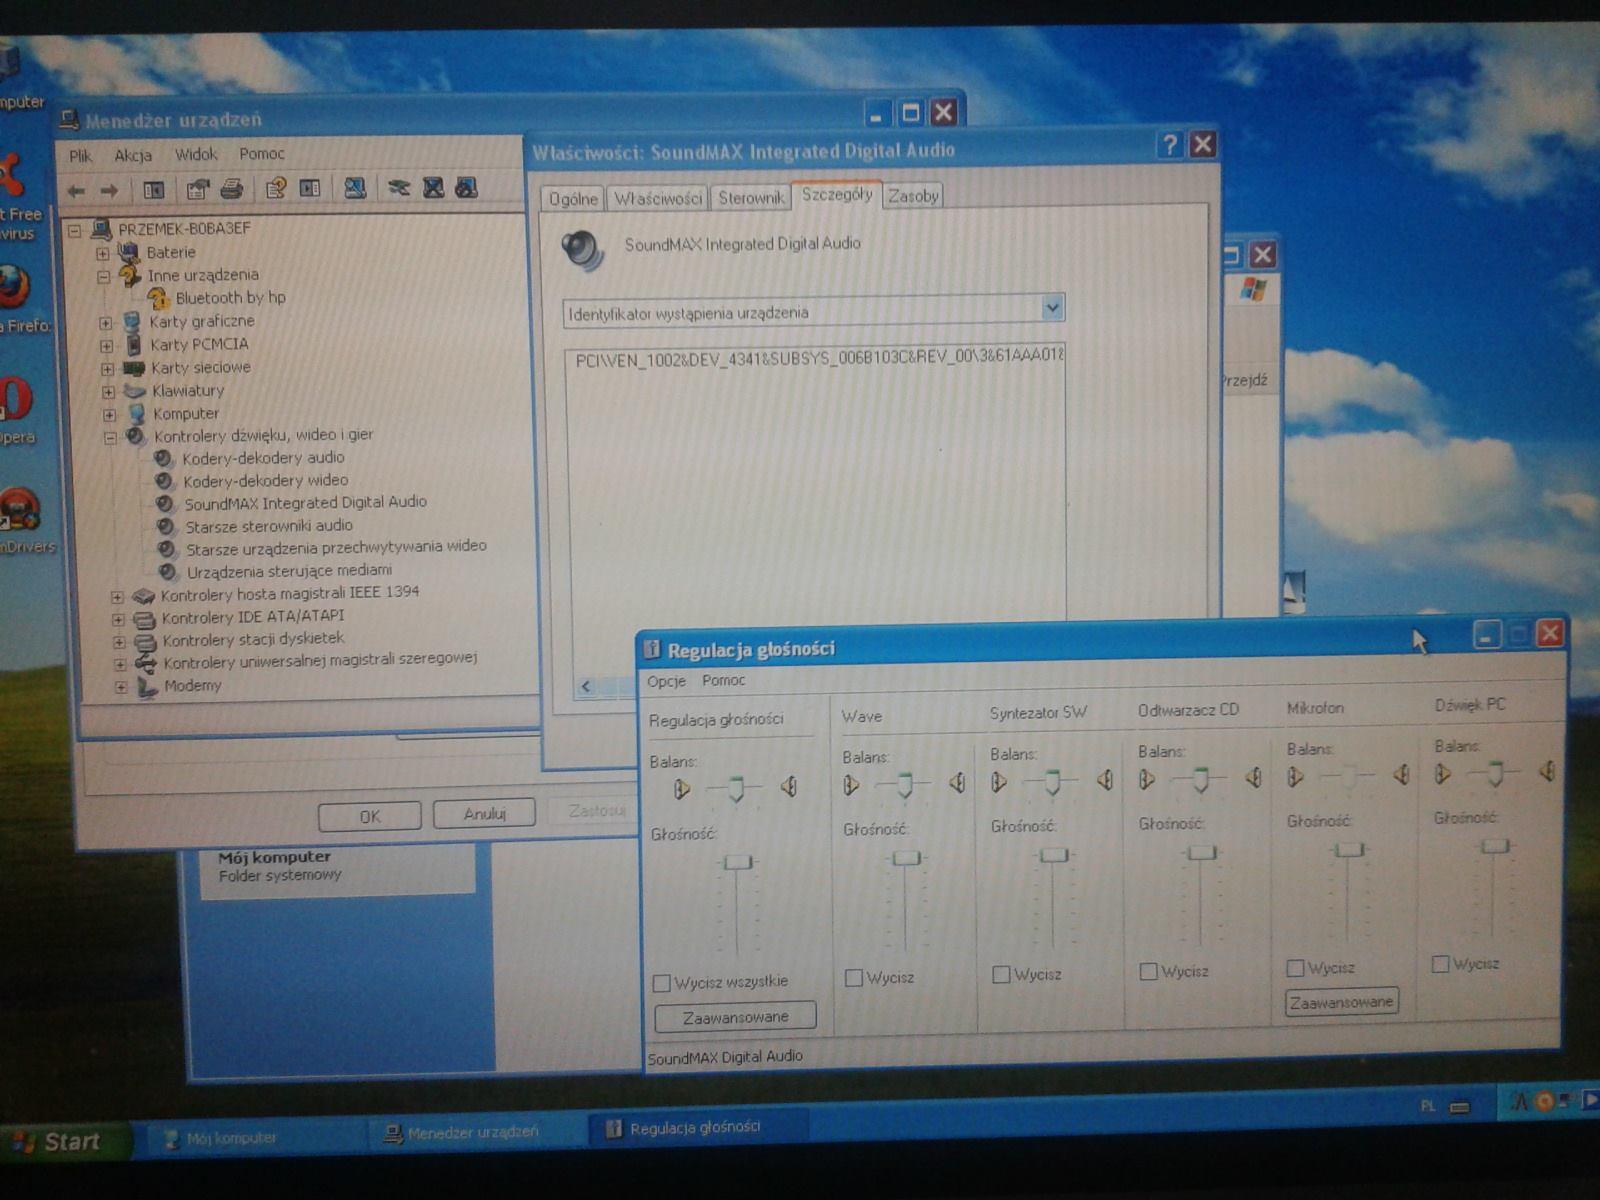 Реалтек программа на звук, Realtek HD Audio Codec Driver - скачать бесплатно Realtek 17 фотография